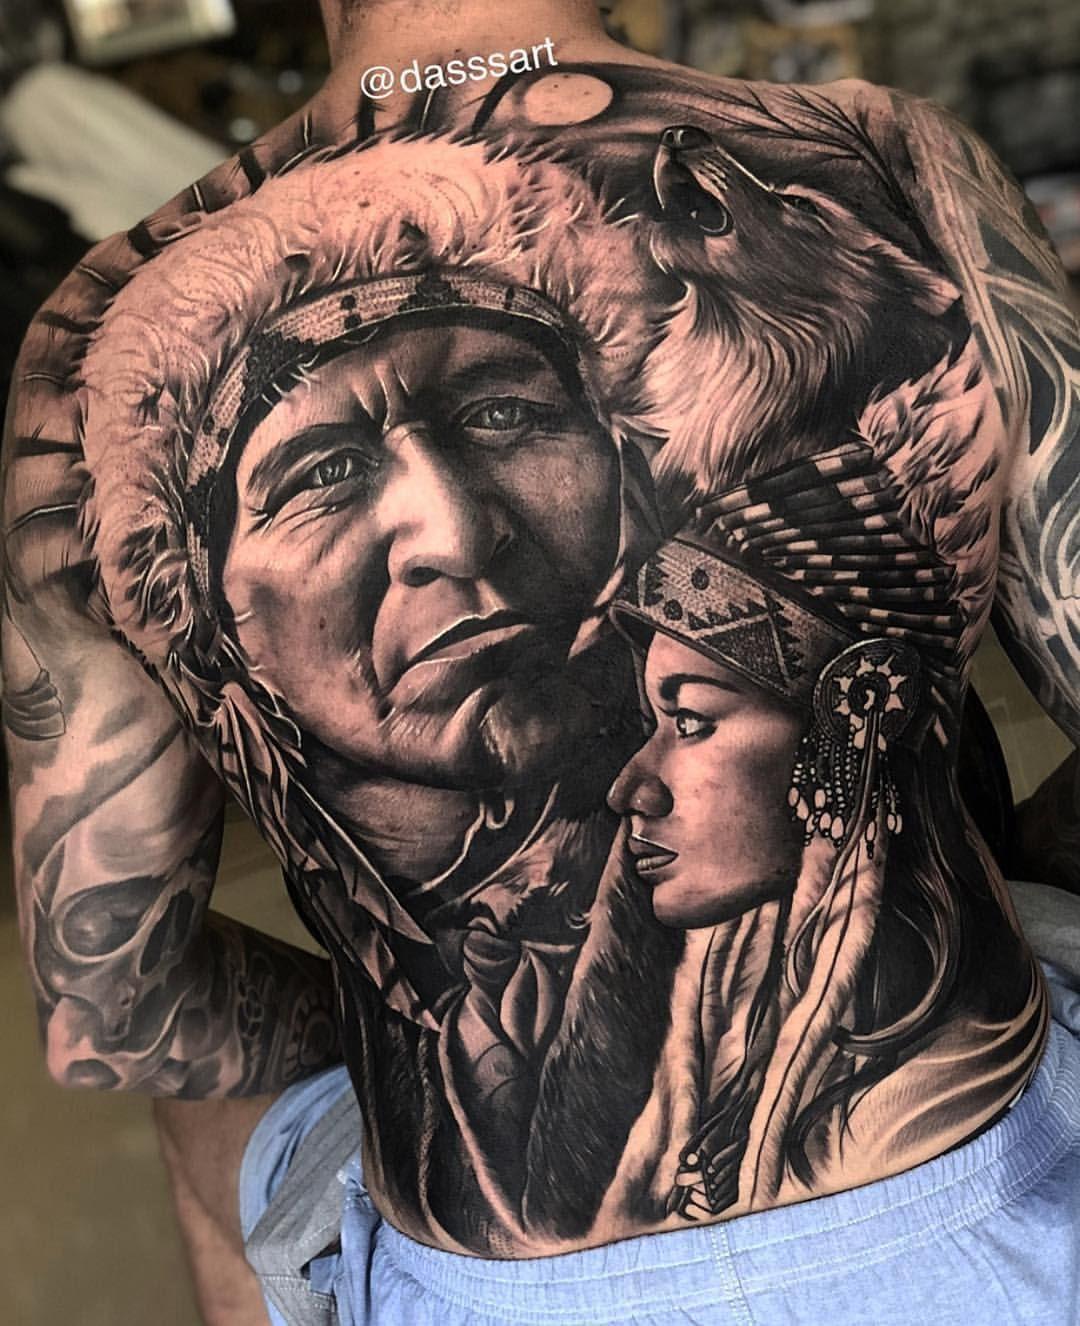 Tattoo Artists On Somegram Posts Videos Stories Somegram Tattoos B G Tattoo Artwork A Tatuagens Indigenas Americanas Tatuagens Indigenas Jovens Tatuados